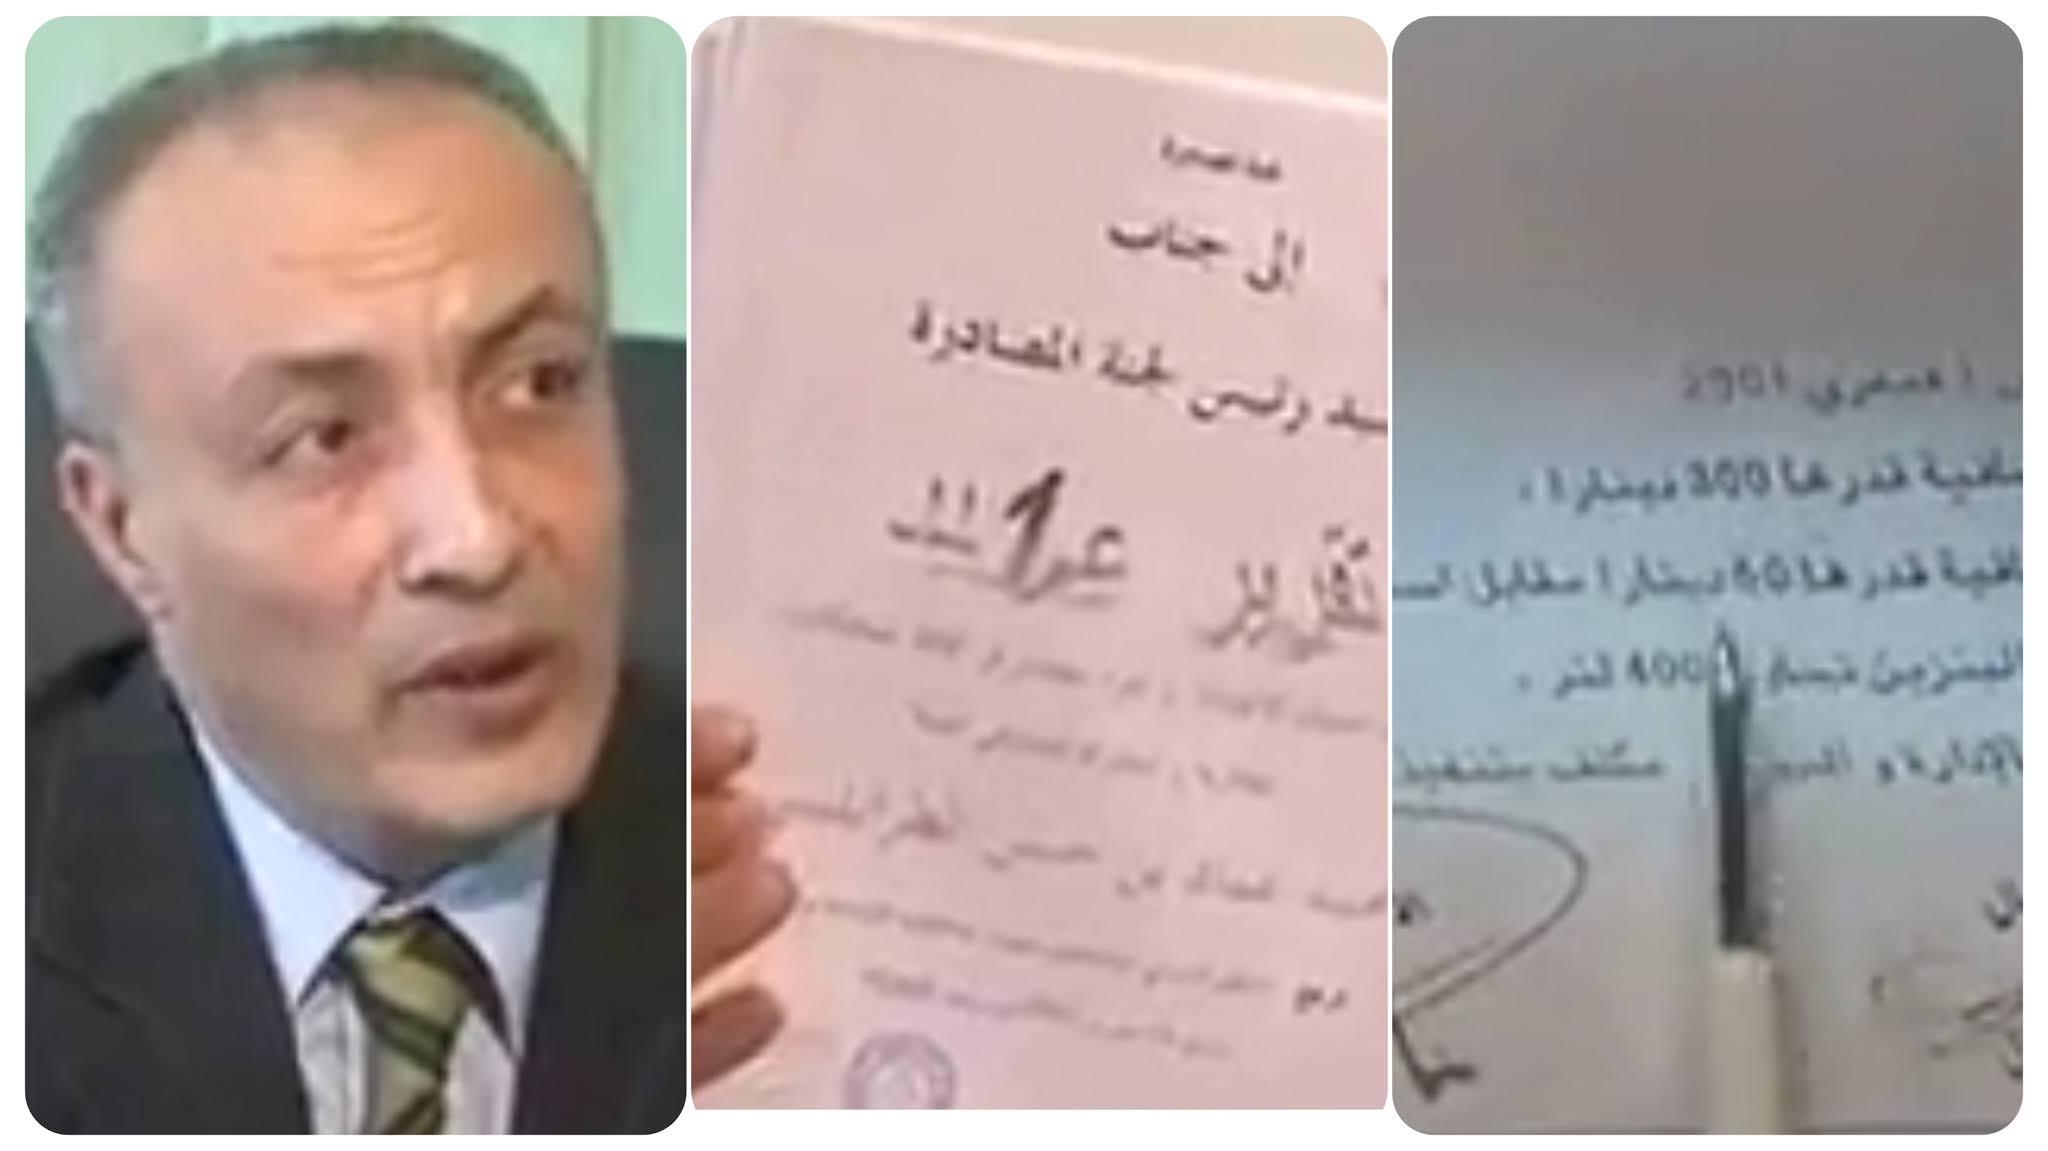 بالفيديو الكشف عن اكبر ملف فساد في تاريخ تونس.. و تورط كبار المسؤولين... في تهريب اكثر من 100 مليار؟